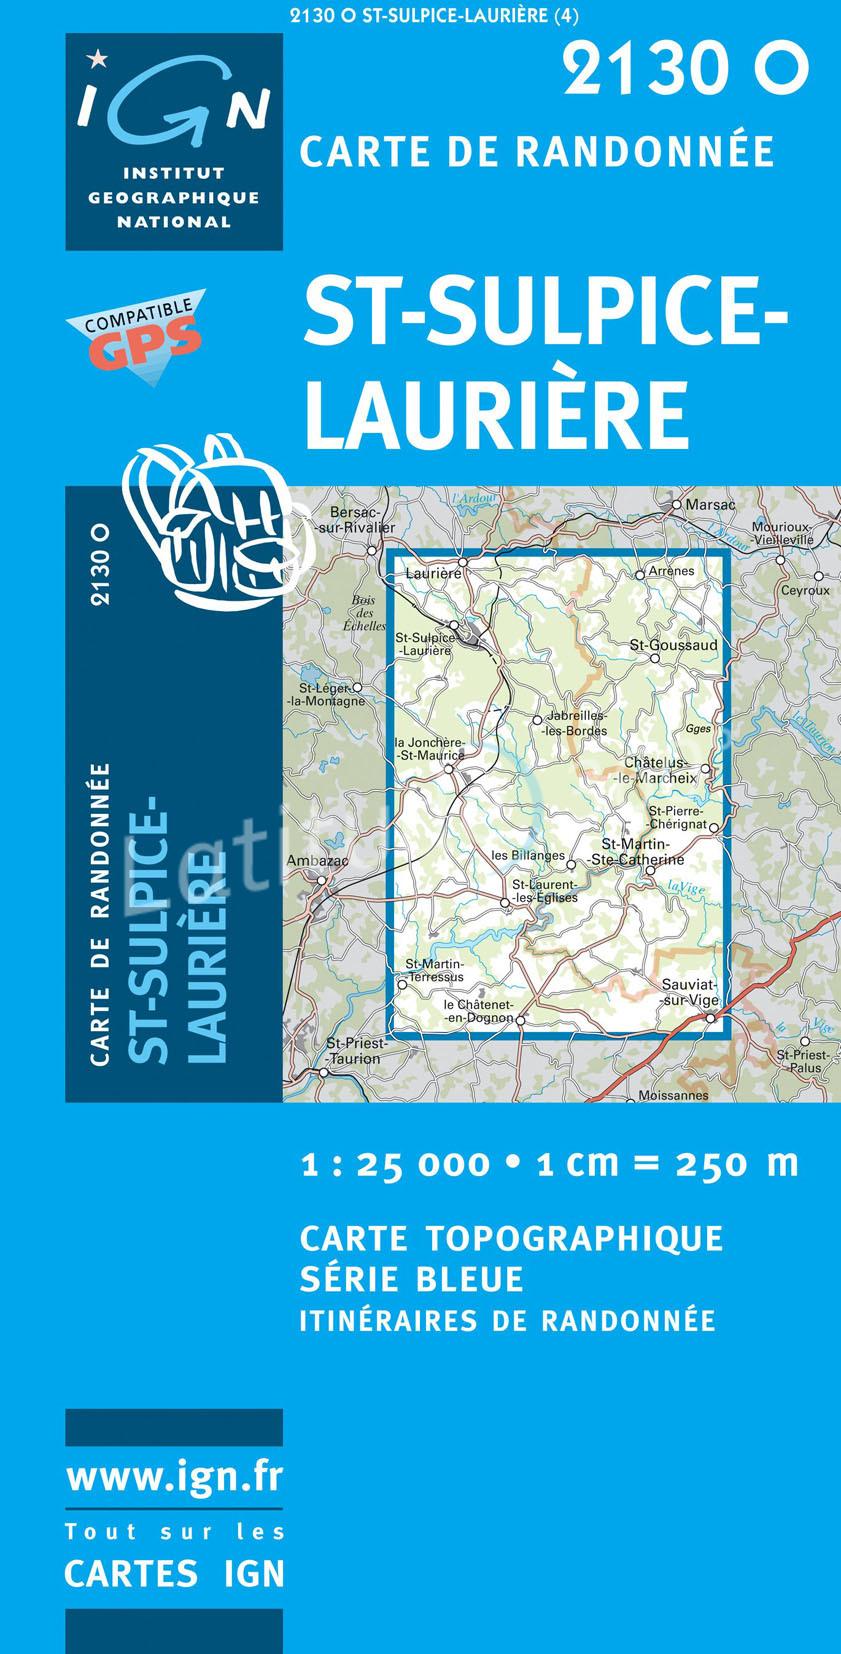 2130Ouest St. Sulpice-Laurière 9782758525394  IGN Serie Bleue  Wandelkaarten Haute-Vienne, Creuse, Corrèze